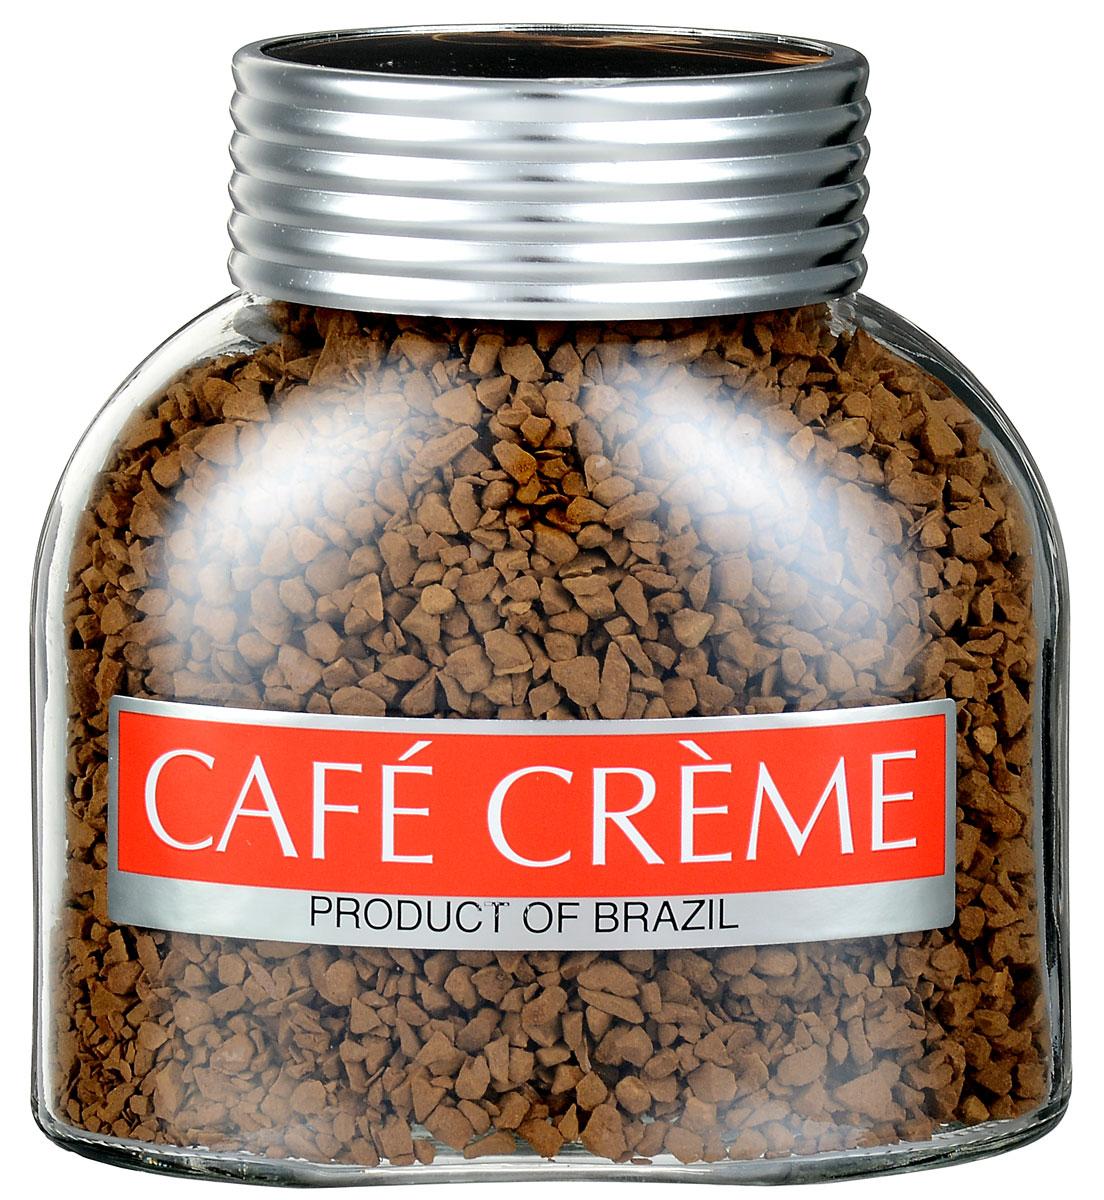 лучшая цена Cafe Creme Original кофе растворимый, 100 г (банка)